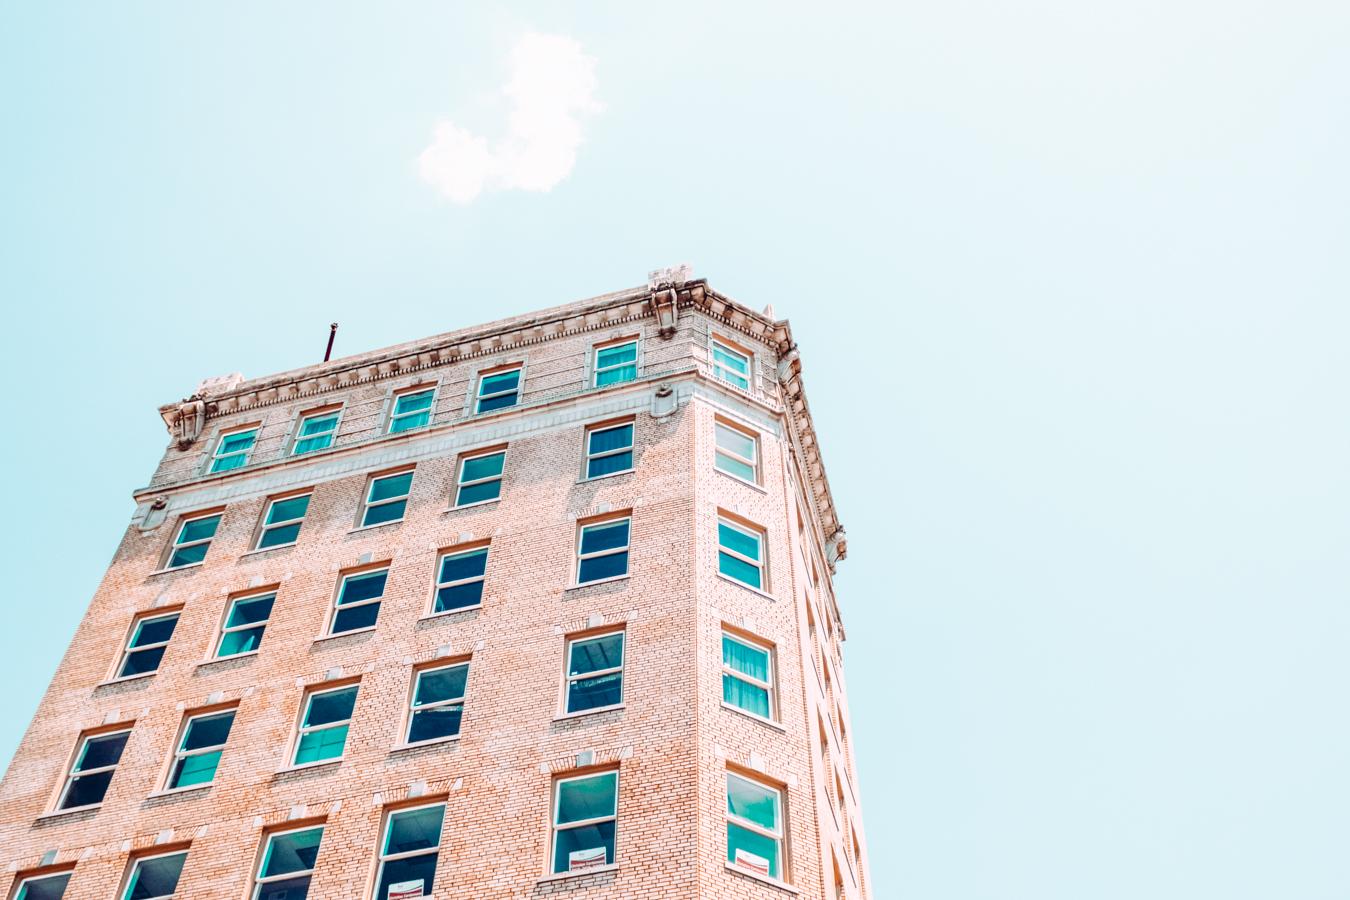 Building in Wilmington